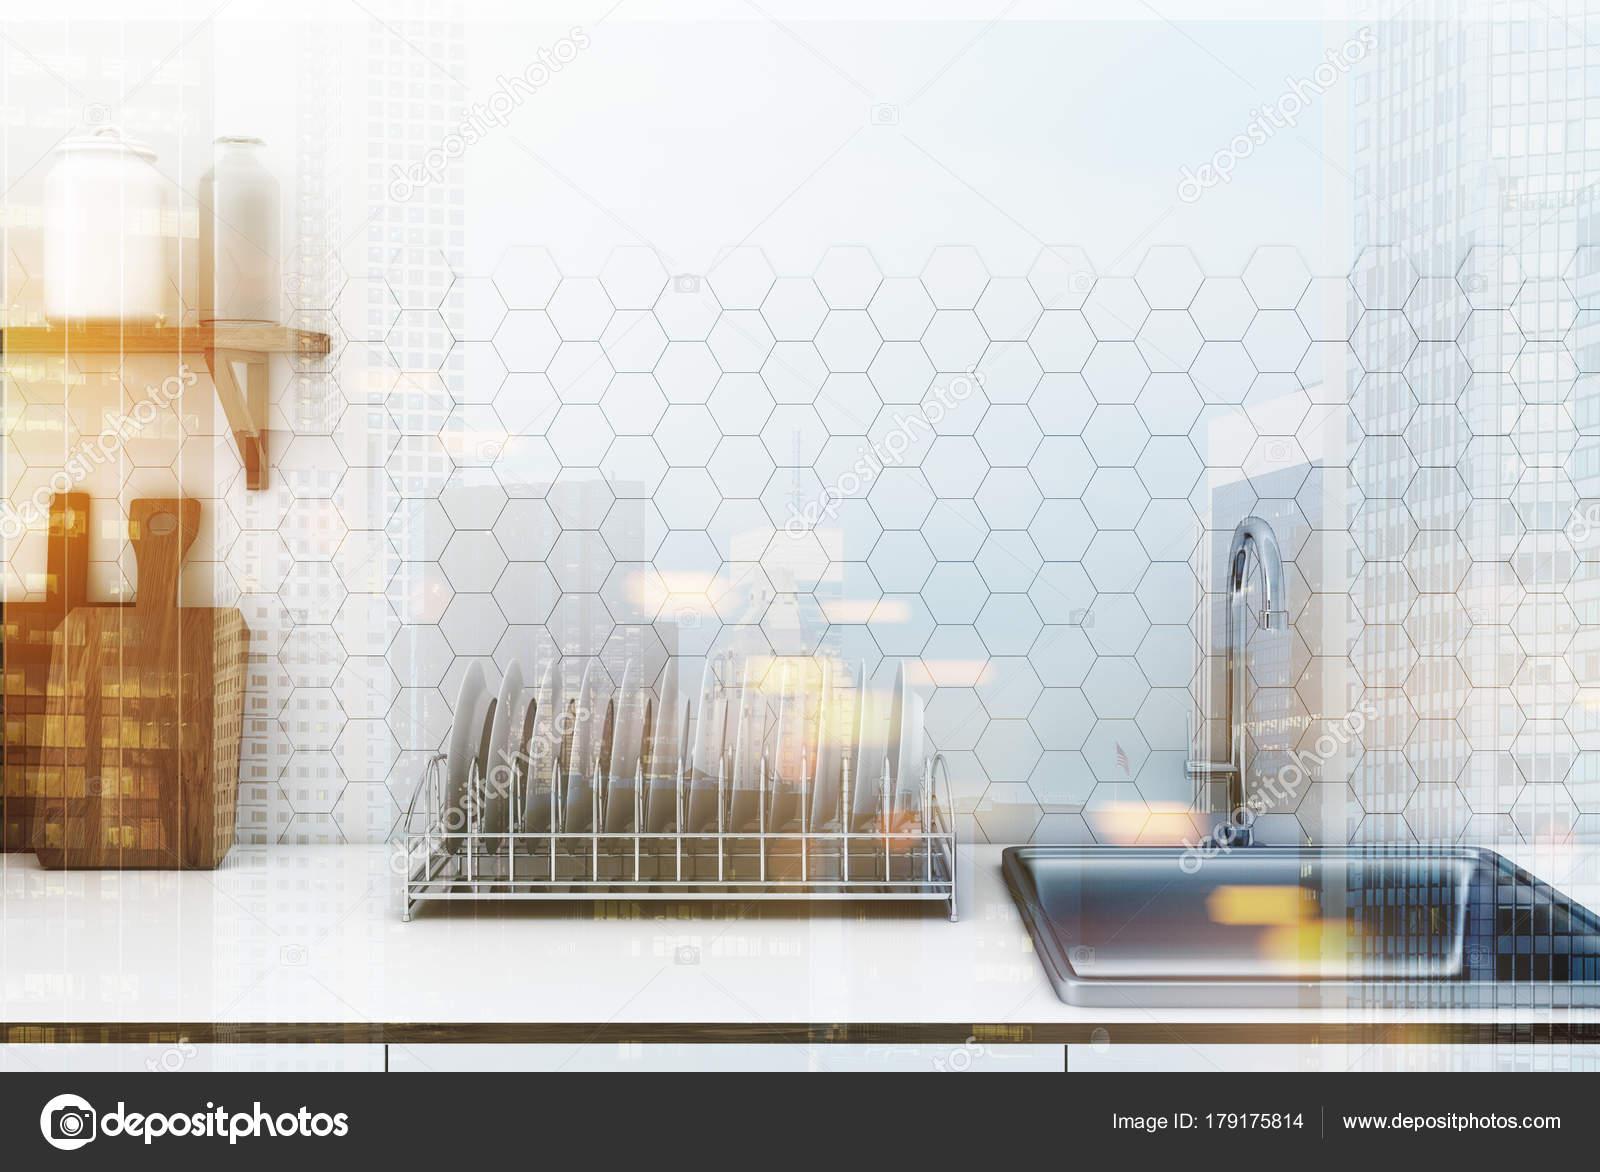 Tegels Keuken Witte : Witte zeshoek tegel keuken aanrecht toned u2014 stockfoto